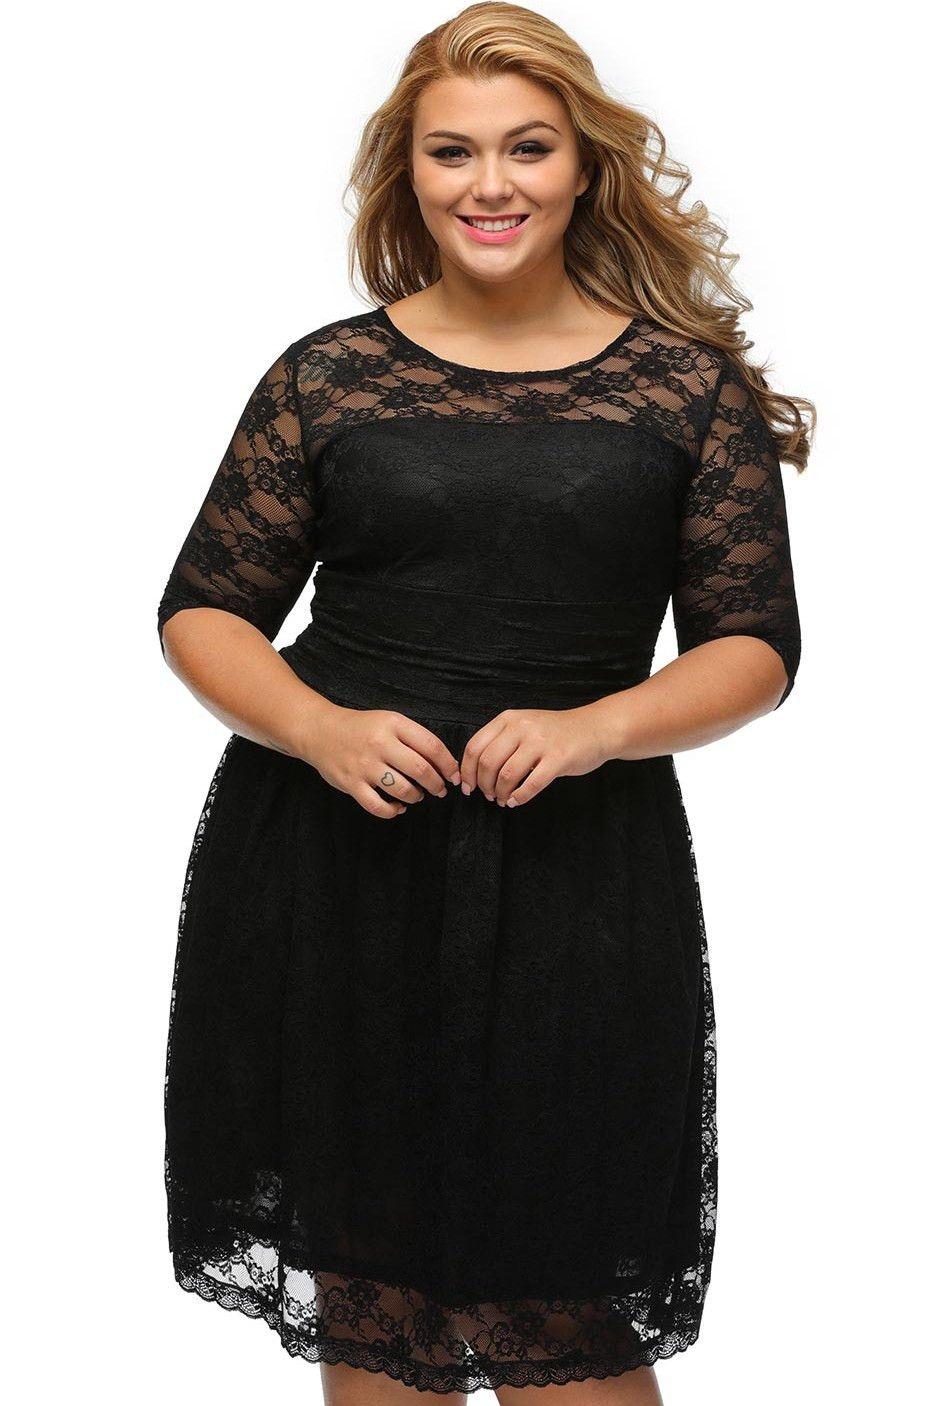 Robe noire femme moins cher